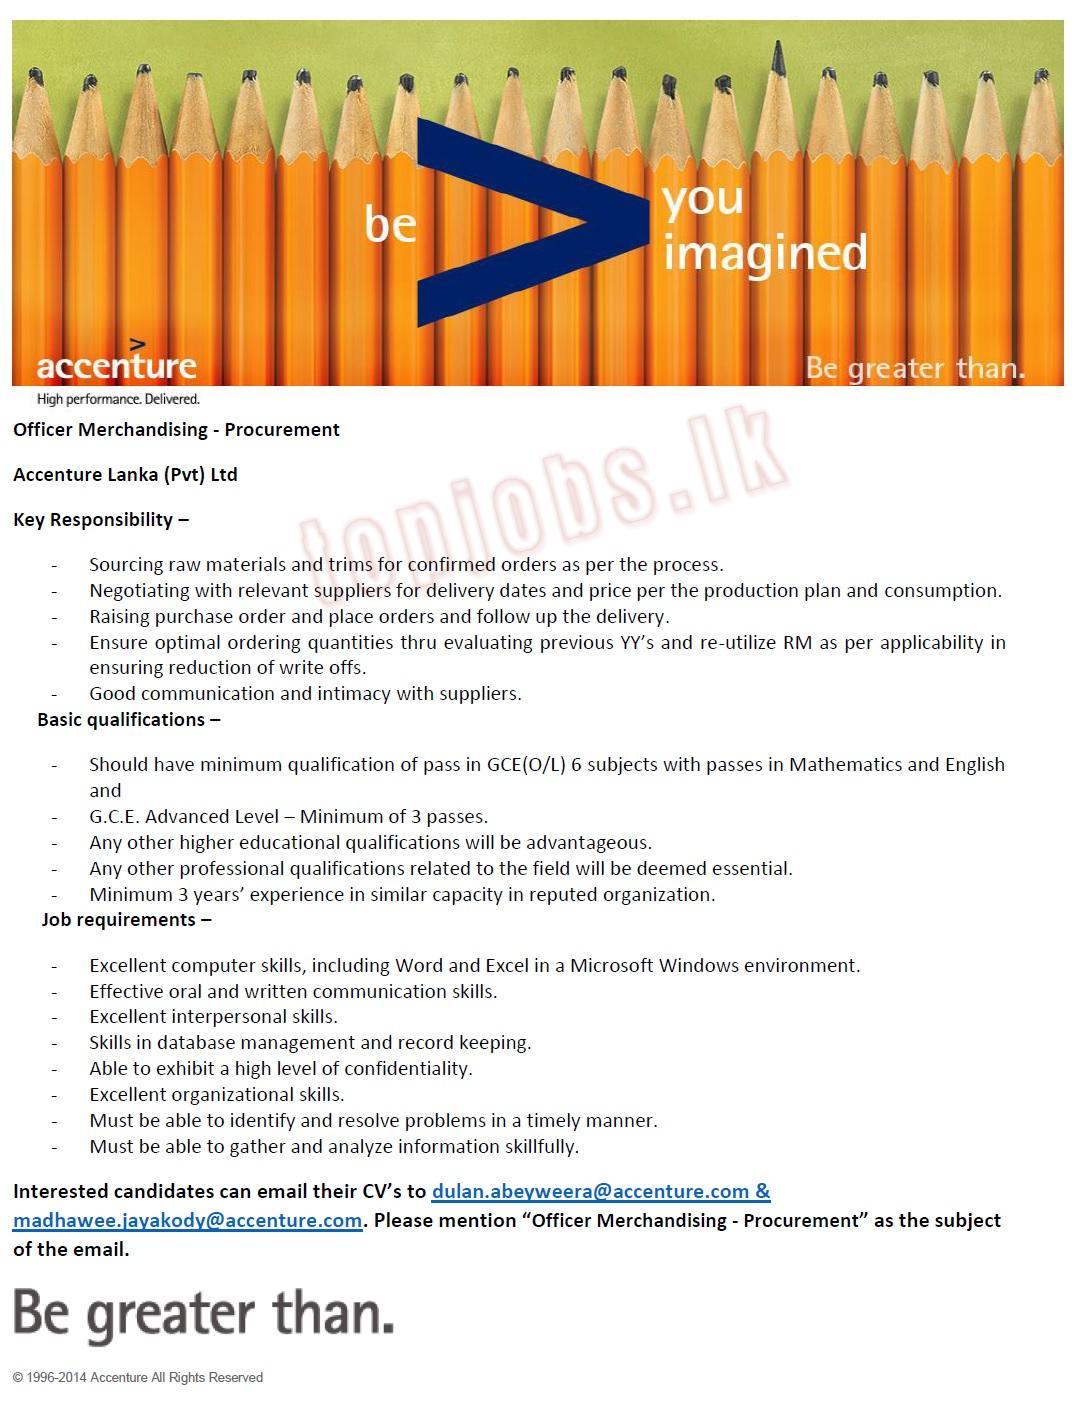 vacancy advertisement merchandising procurement officer